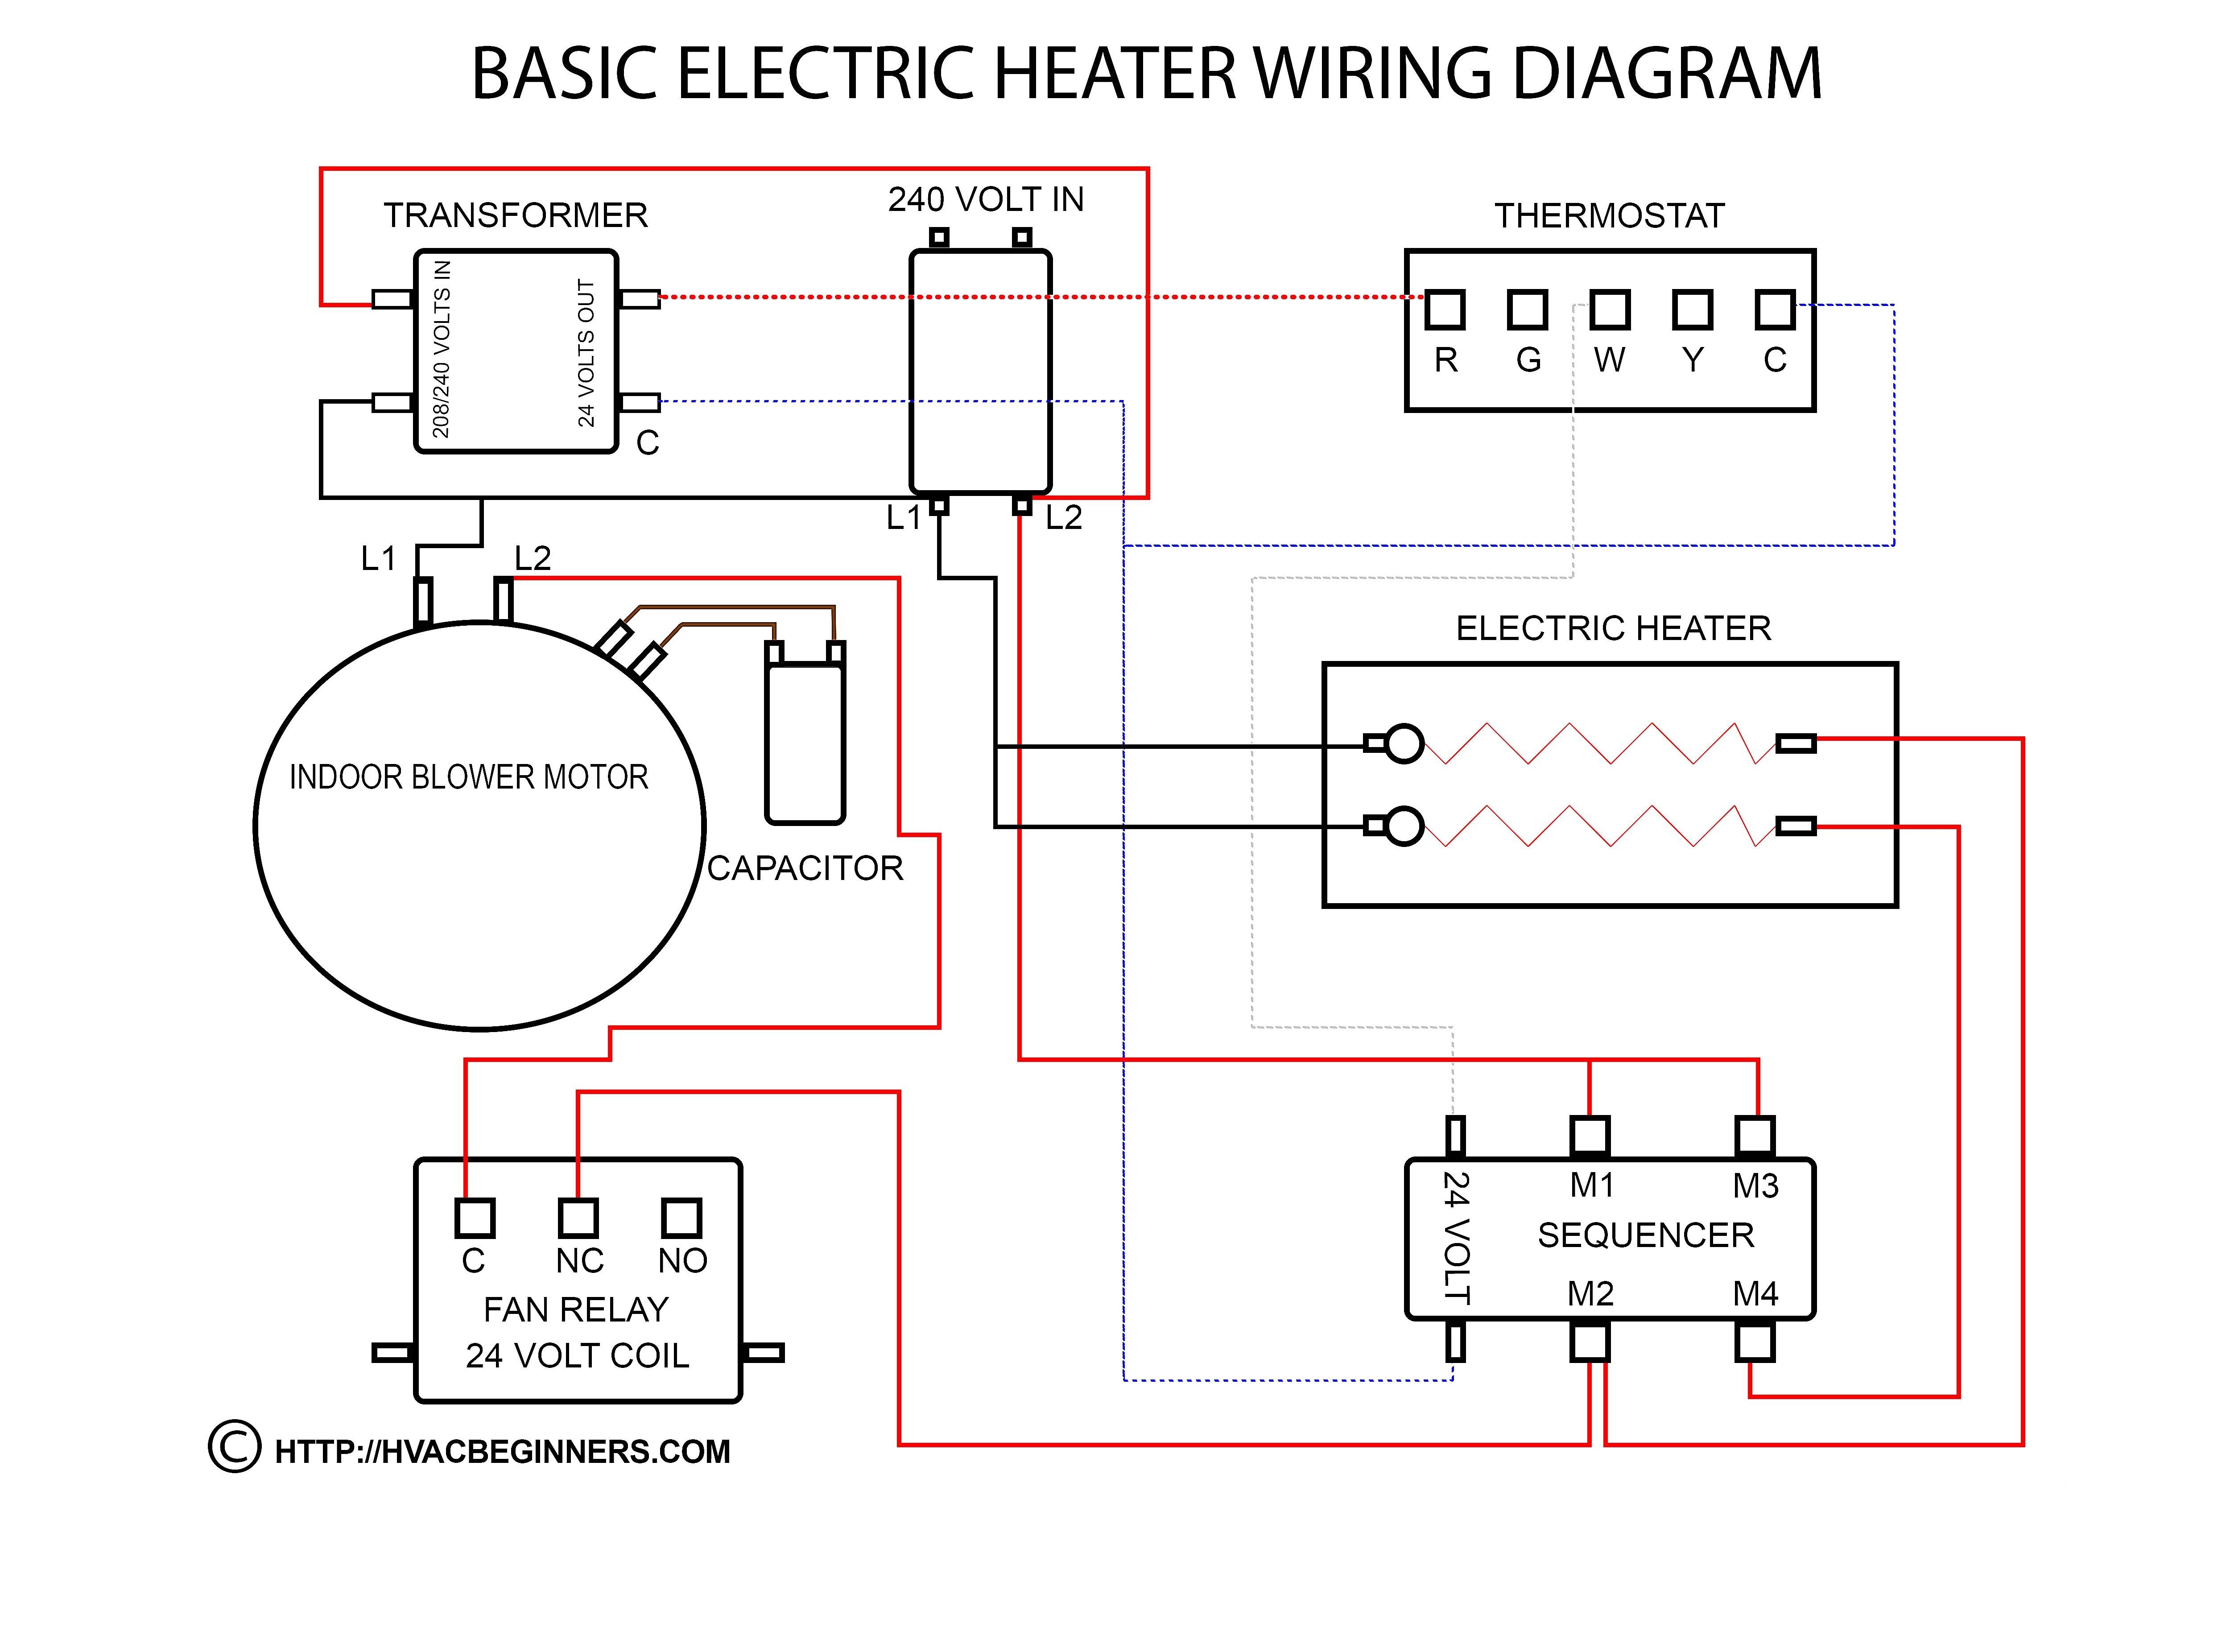 Older Gas Furnace Wiring Diagram Gas Furnace Wiring Diagram ... on furnace transfer switch wiring diagram, furnace blower wiring diagram, home furnace wiring diagram, old suburban furnace wiring diagram, ge furnace wiring diagram, furnace fan wiring diagram, furnace limit switch wiring diagram, furnace motor wiring diagram, oil furnace wiring diagram, basic furnace wiring diagram, bryant furnace wiring diagram, standing pilot furnace wiring diagram,